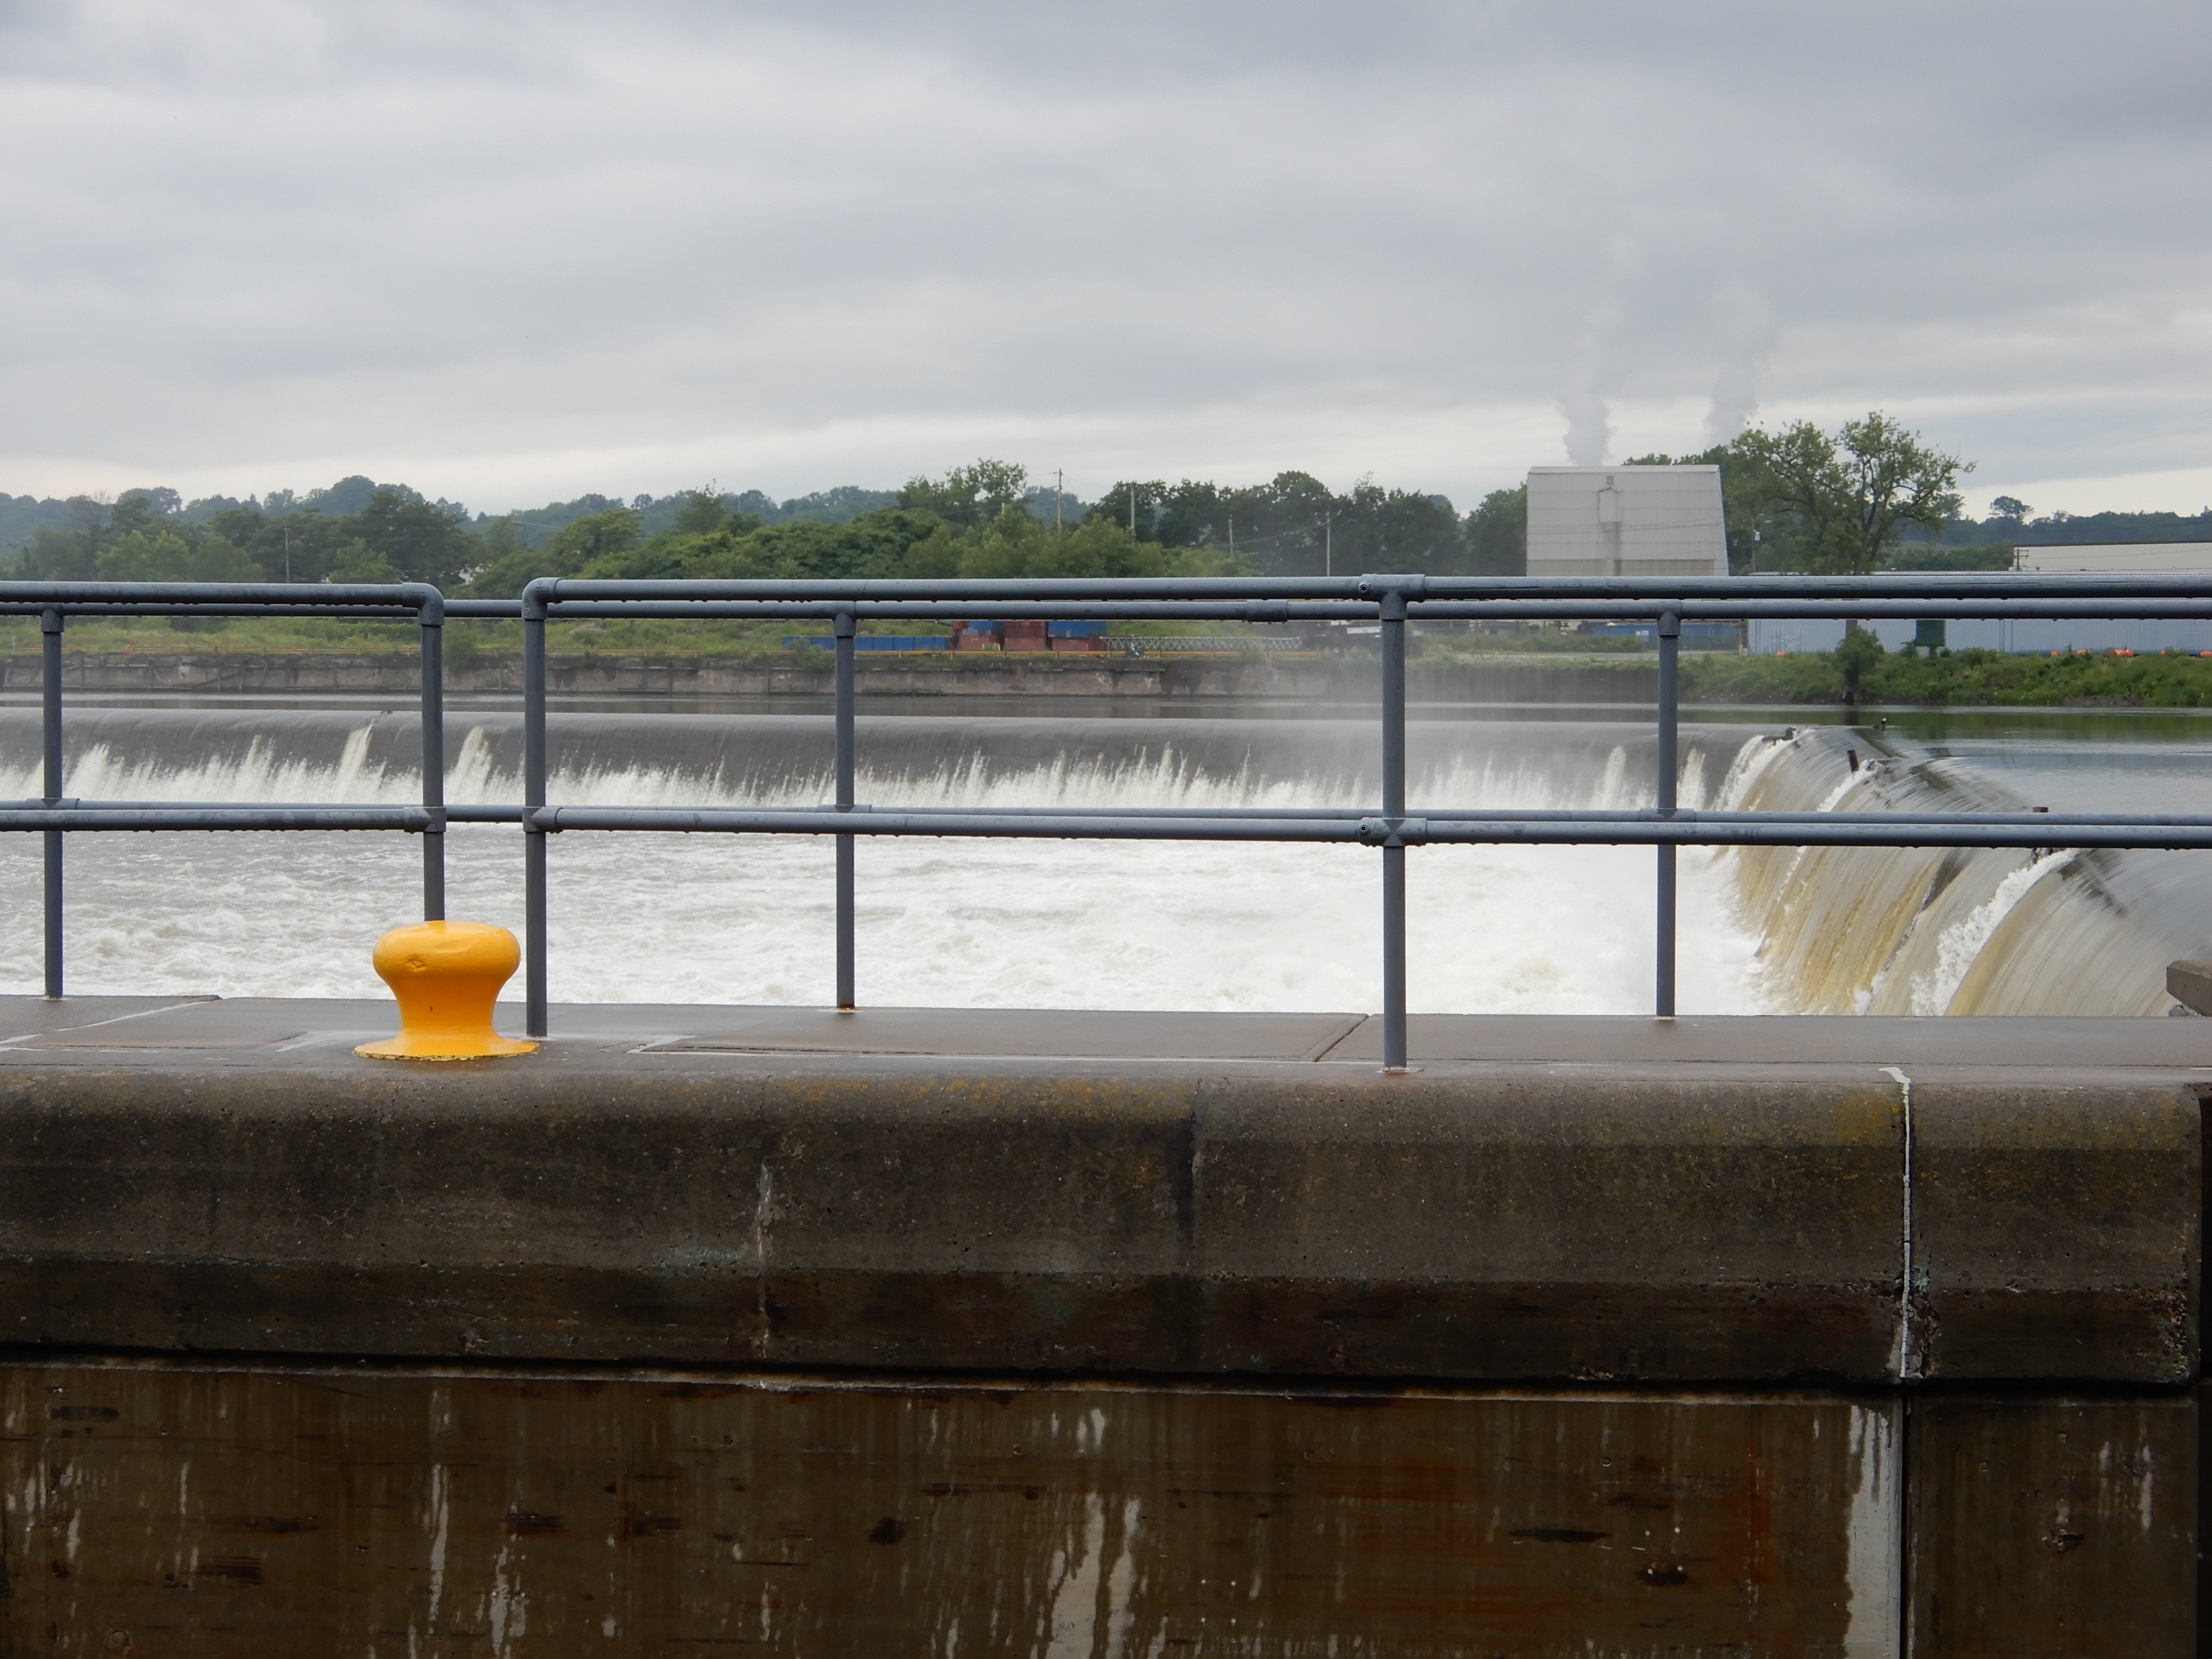 The dam that we went around